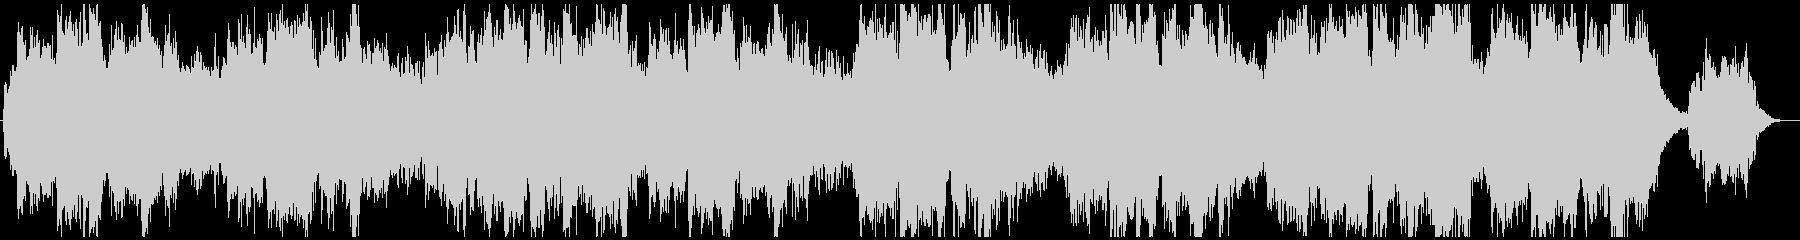 サリーガーデン ティンホイッスルの未再生の波形